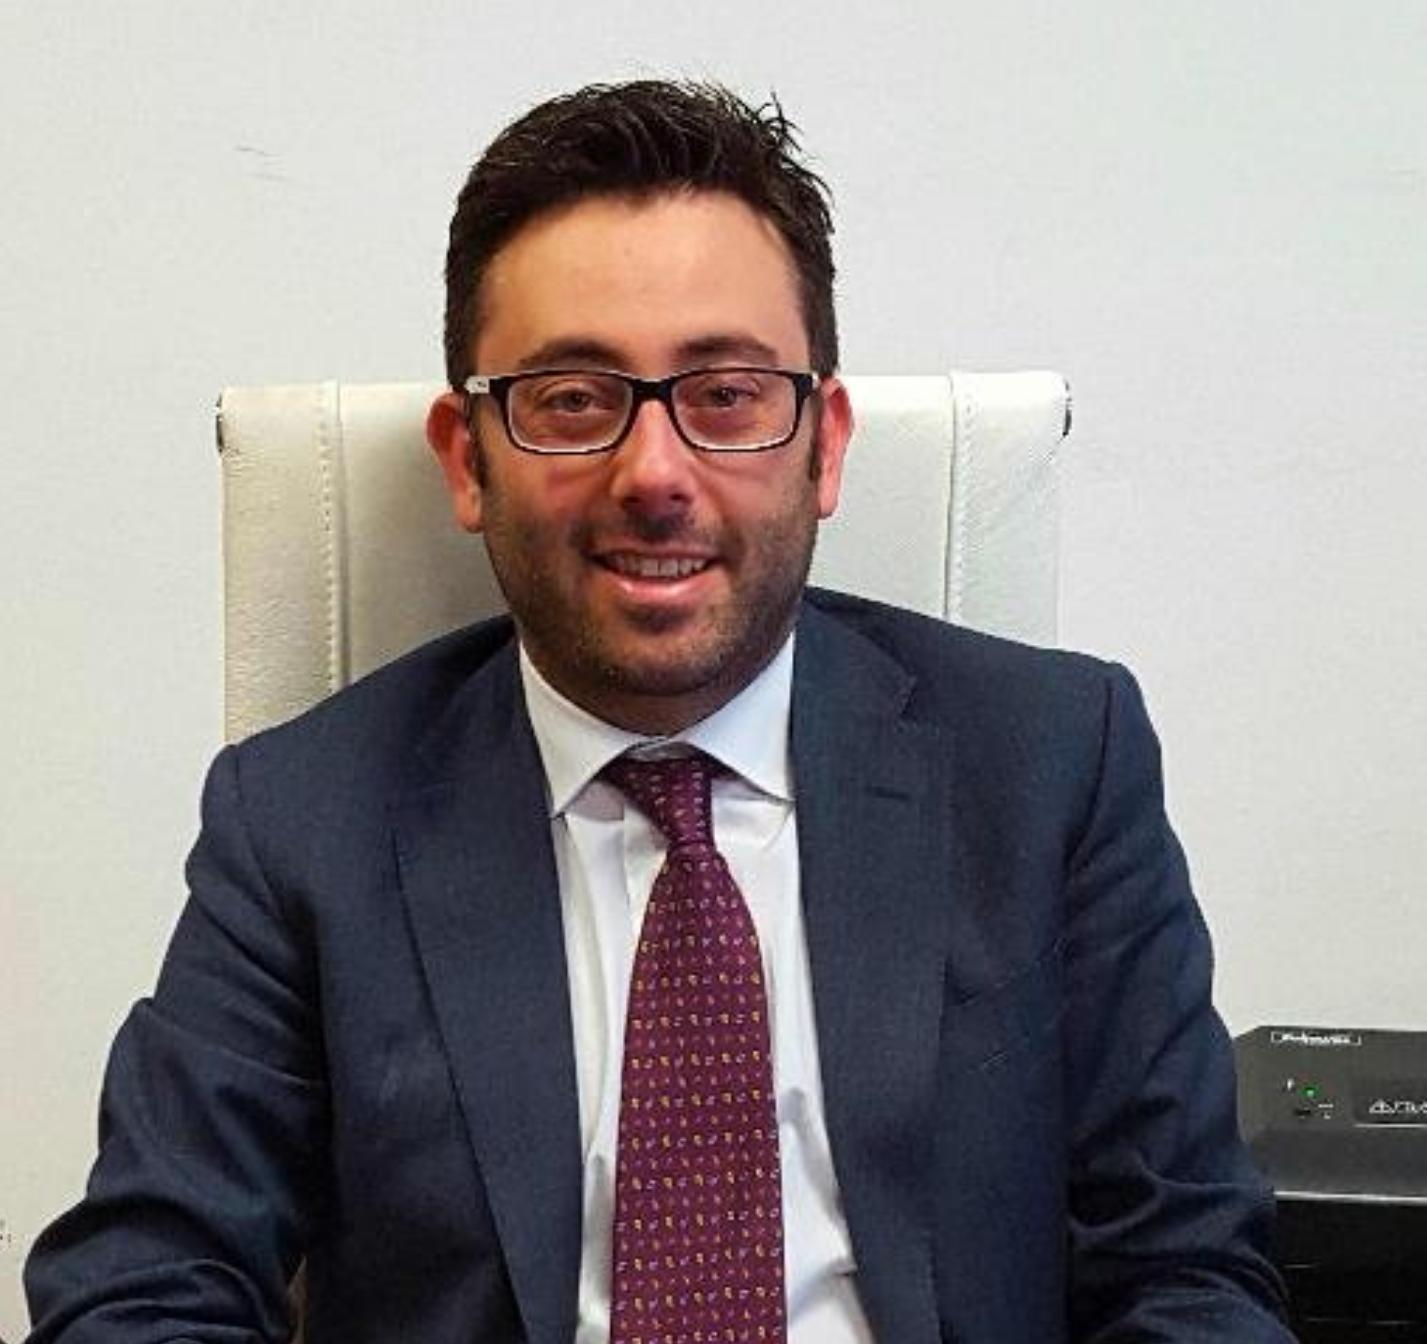 Consiglio Regionale Lazio, Mauro Buschini neo Presidente: ecco chi è